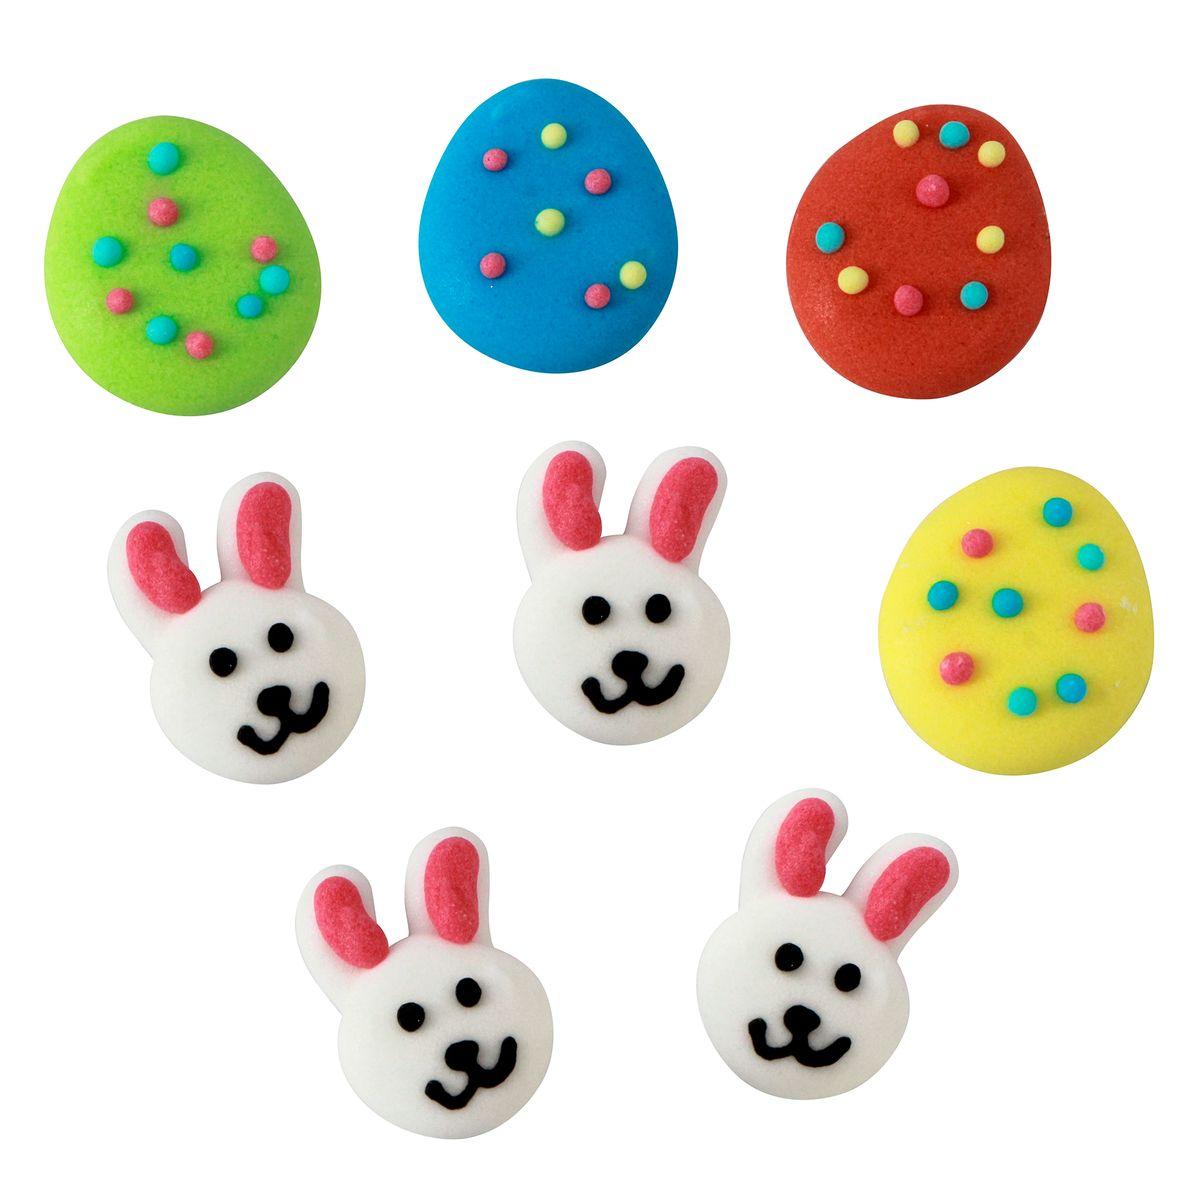 Décors de Pâques : 8 oeufs et lapins en sucre